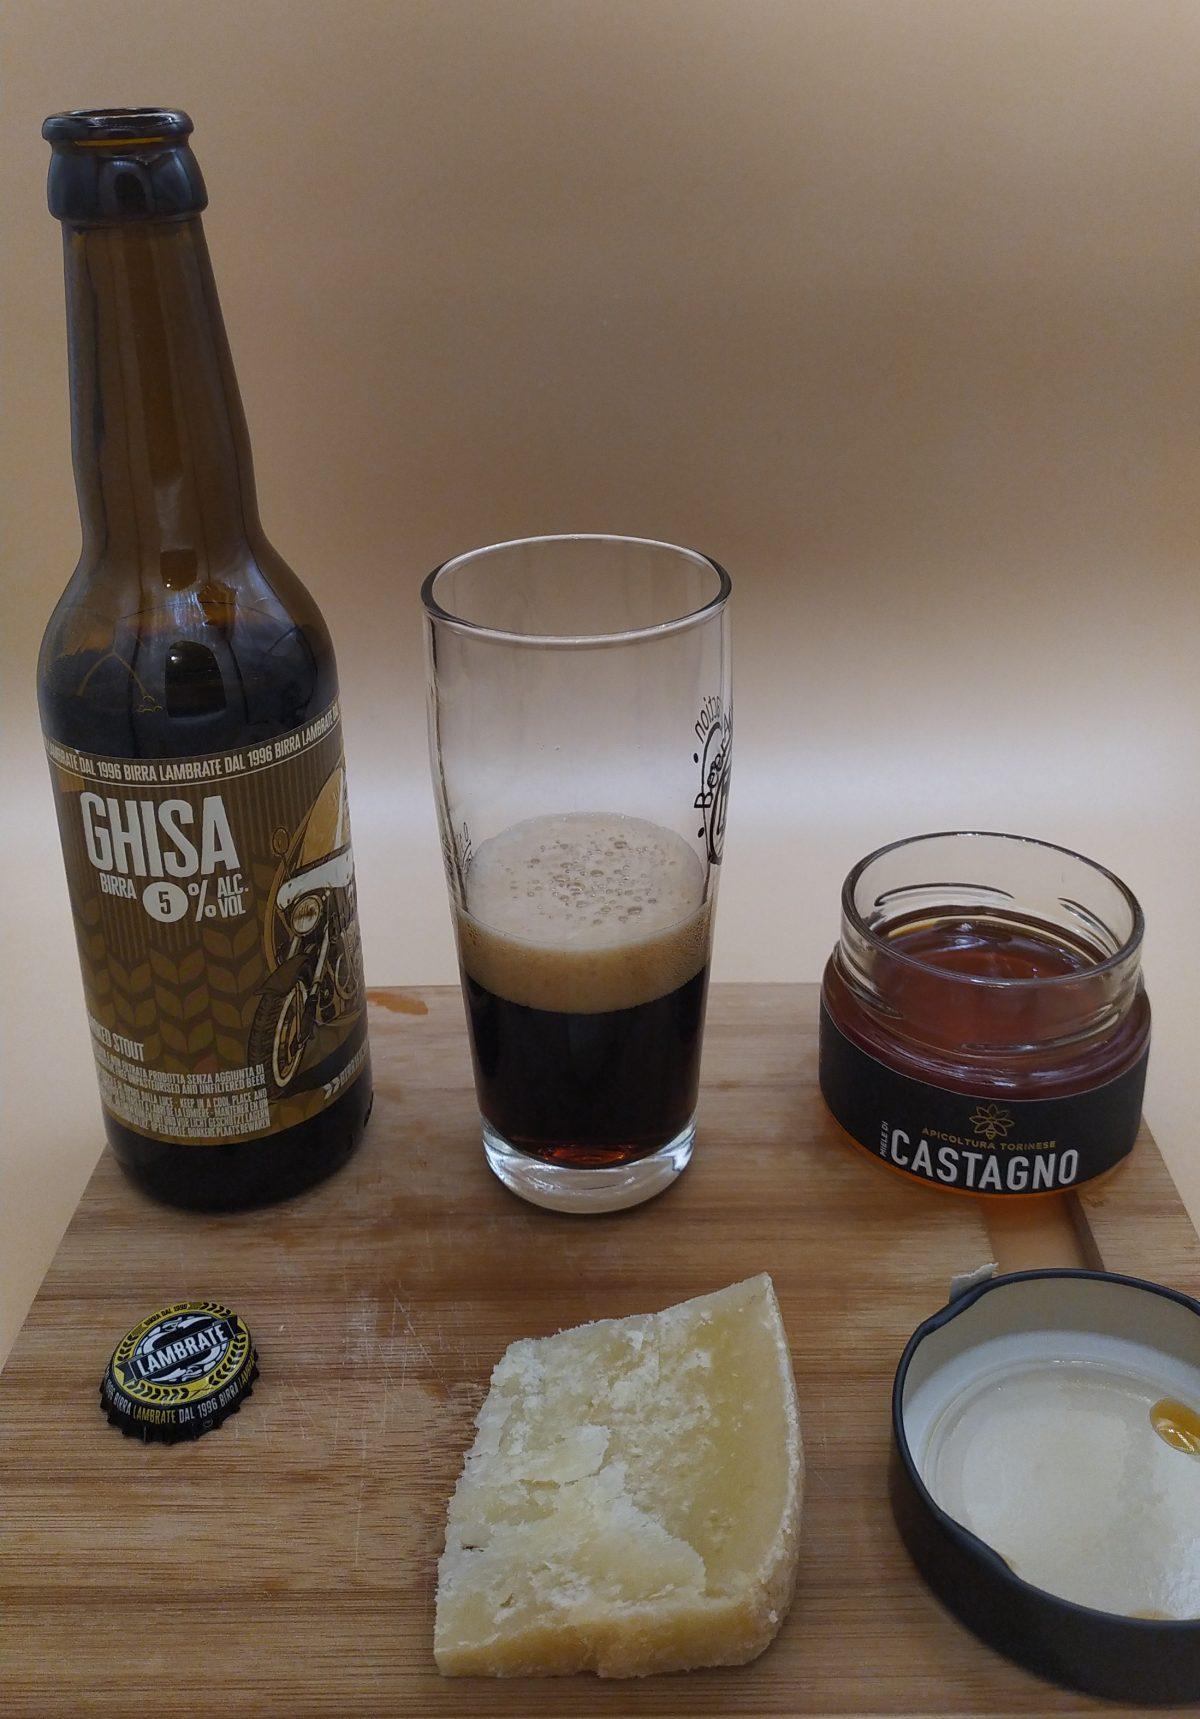 Lambrate Birra Ghisa - Miele di Castagno - Pecorino Siciliano